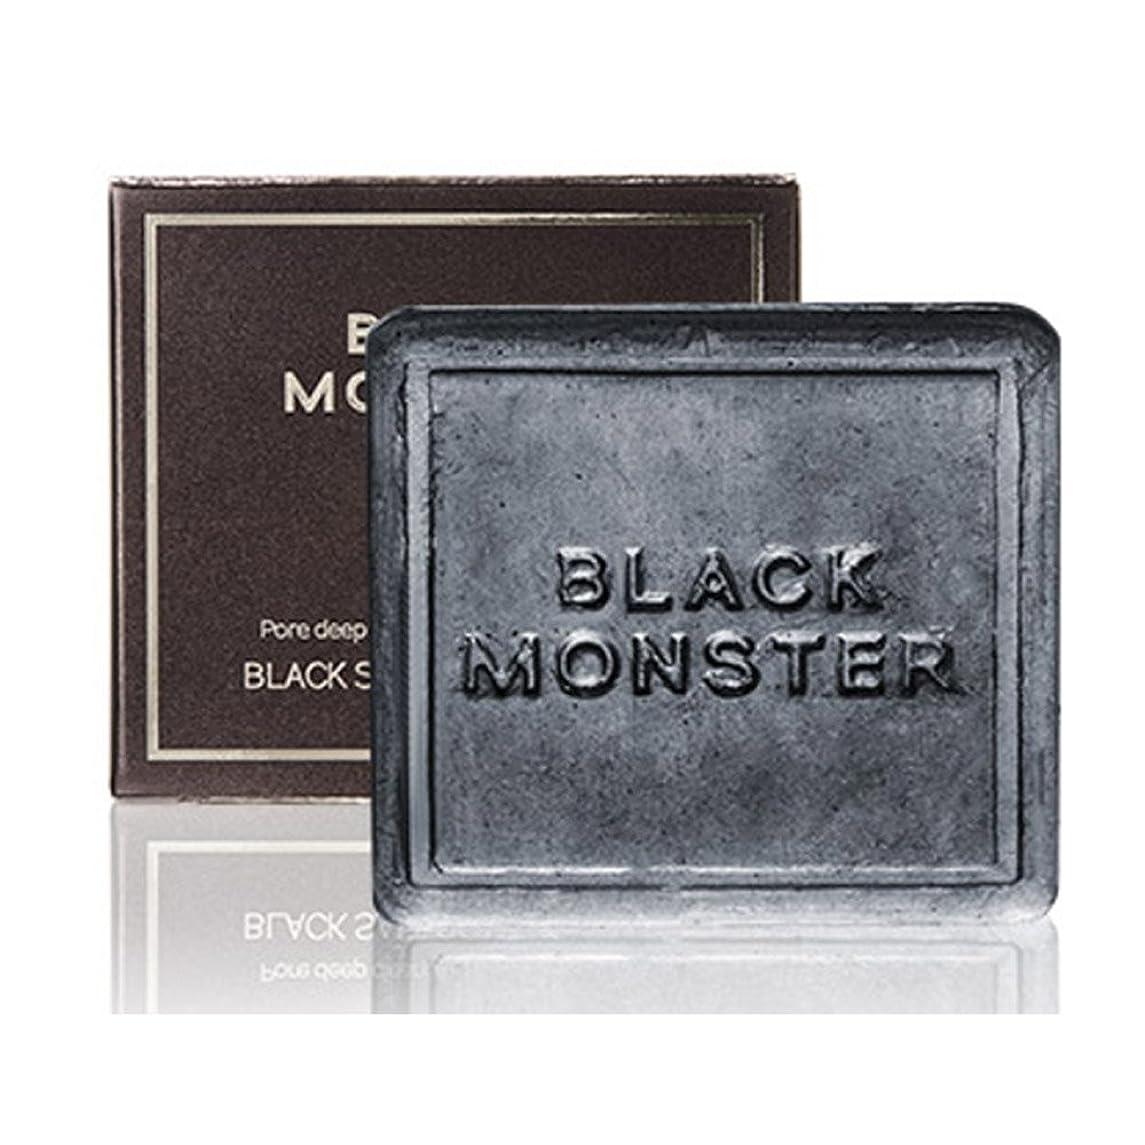 カテゴリー公演宙返り[ブレンクTV] blanktv Black Monster ブラックソルトコントロールバー 120g 海外直送品 black salt control bar [並行輸入品]